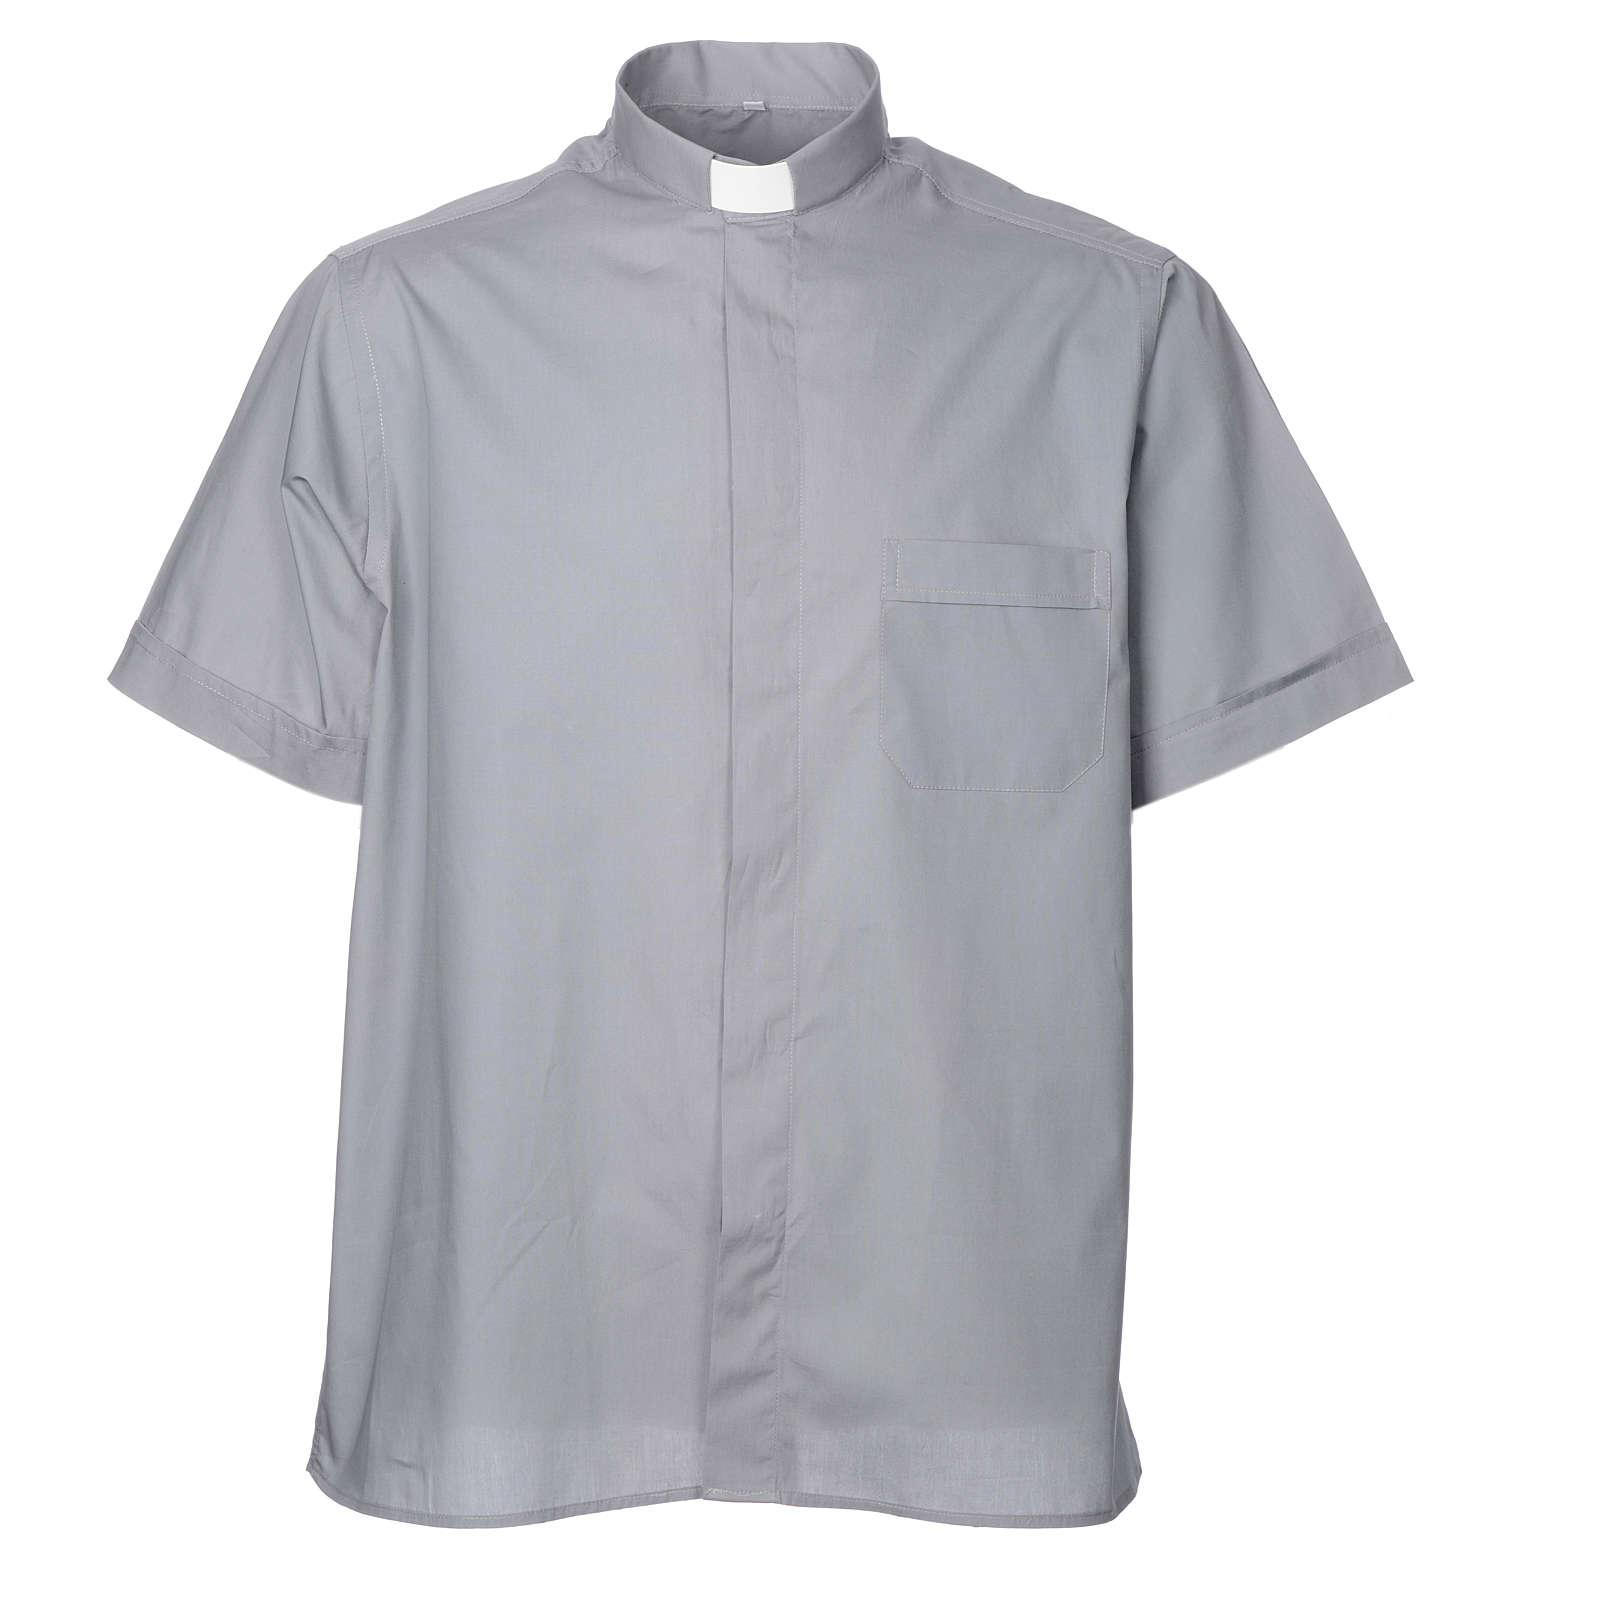 STOCK Camicia clergyman manica corta misto grigio chiaro 4